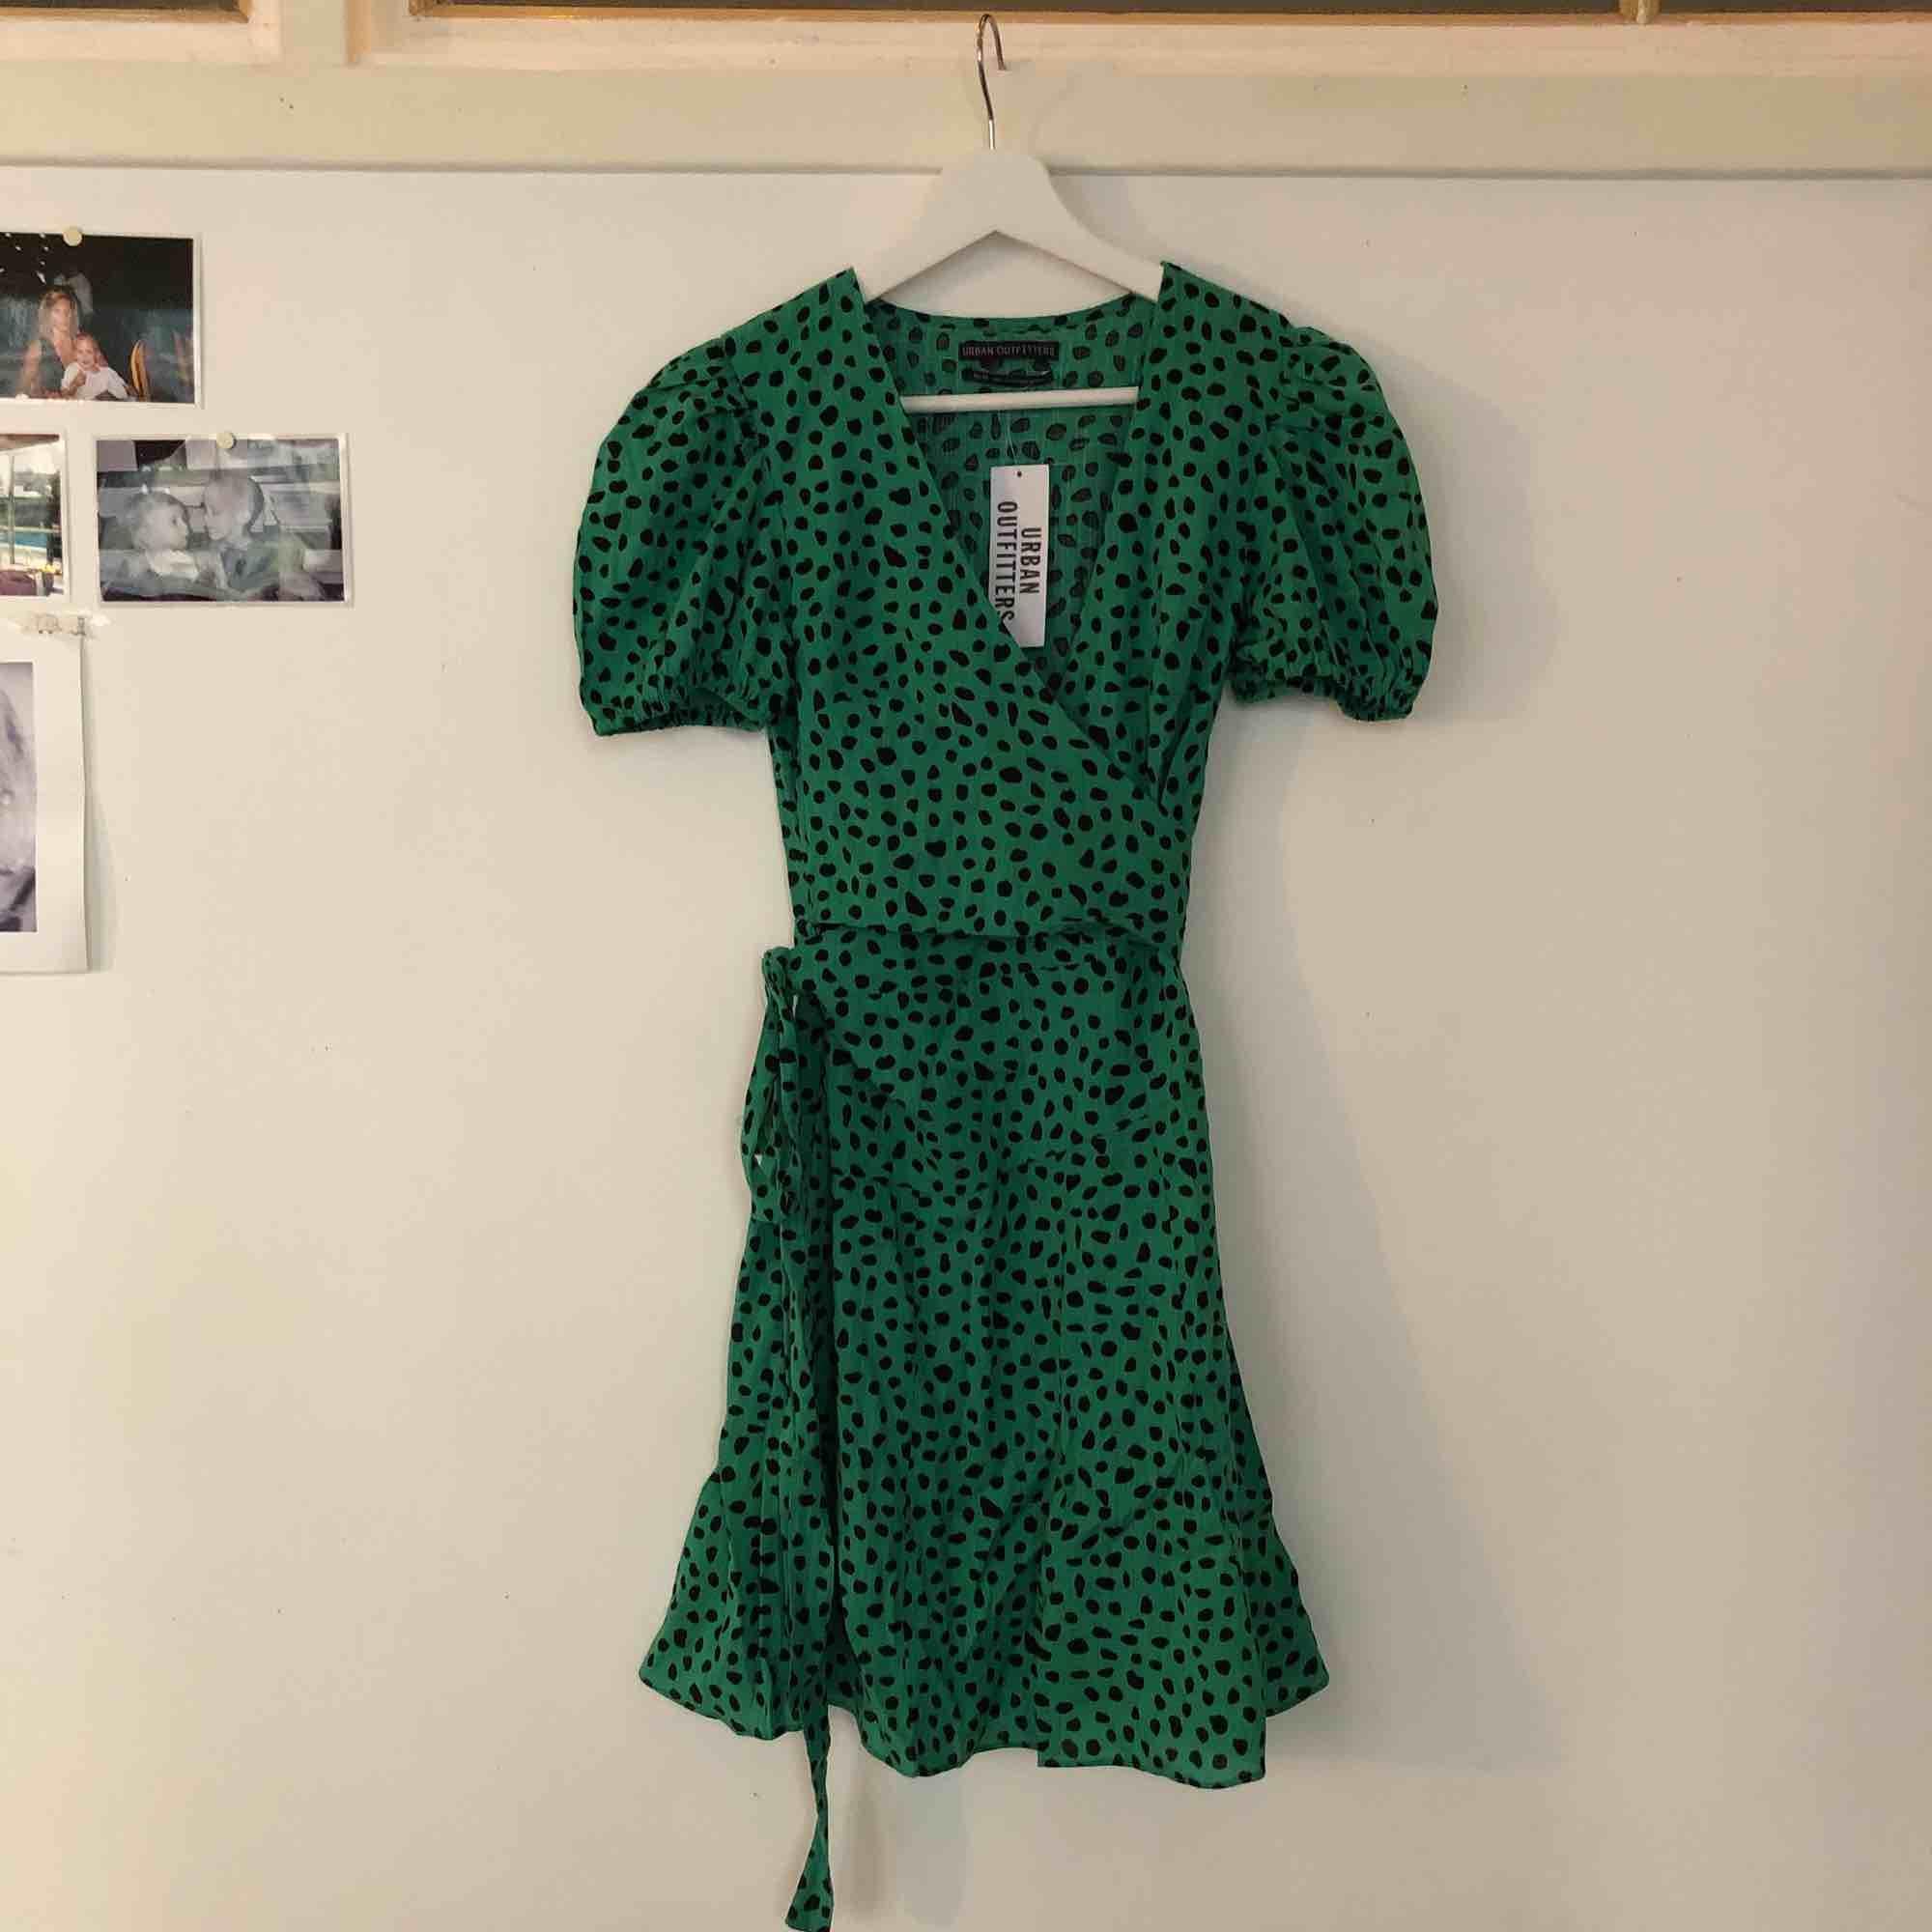 Helt ny, superfin omlott klänning från urbanoutfitters i New York. Nypris- 69$ (dollar) ca 600-700kr🌟. Klänningar.